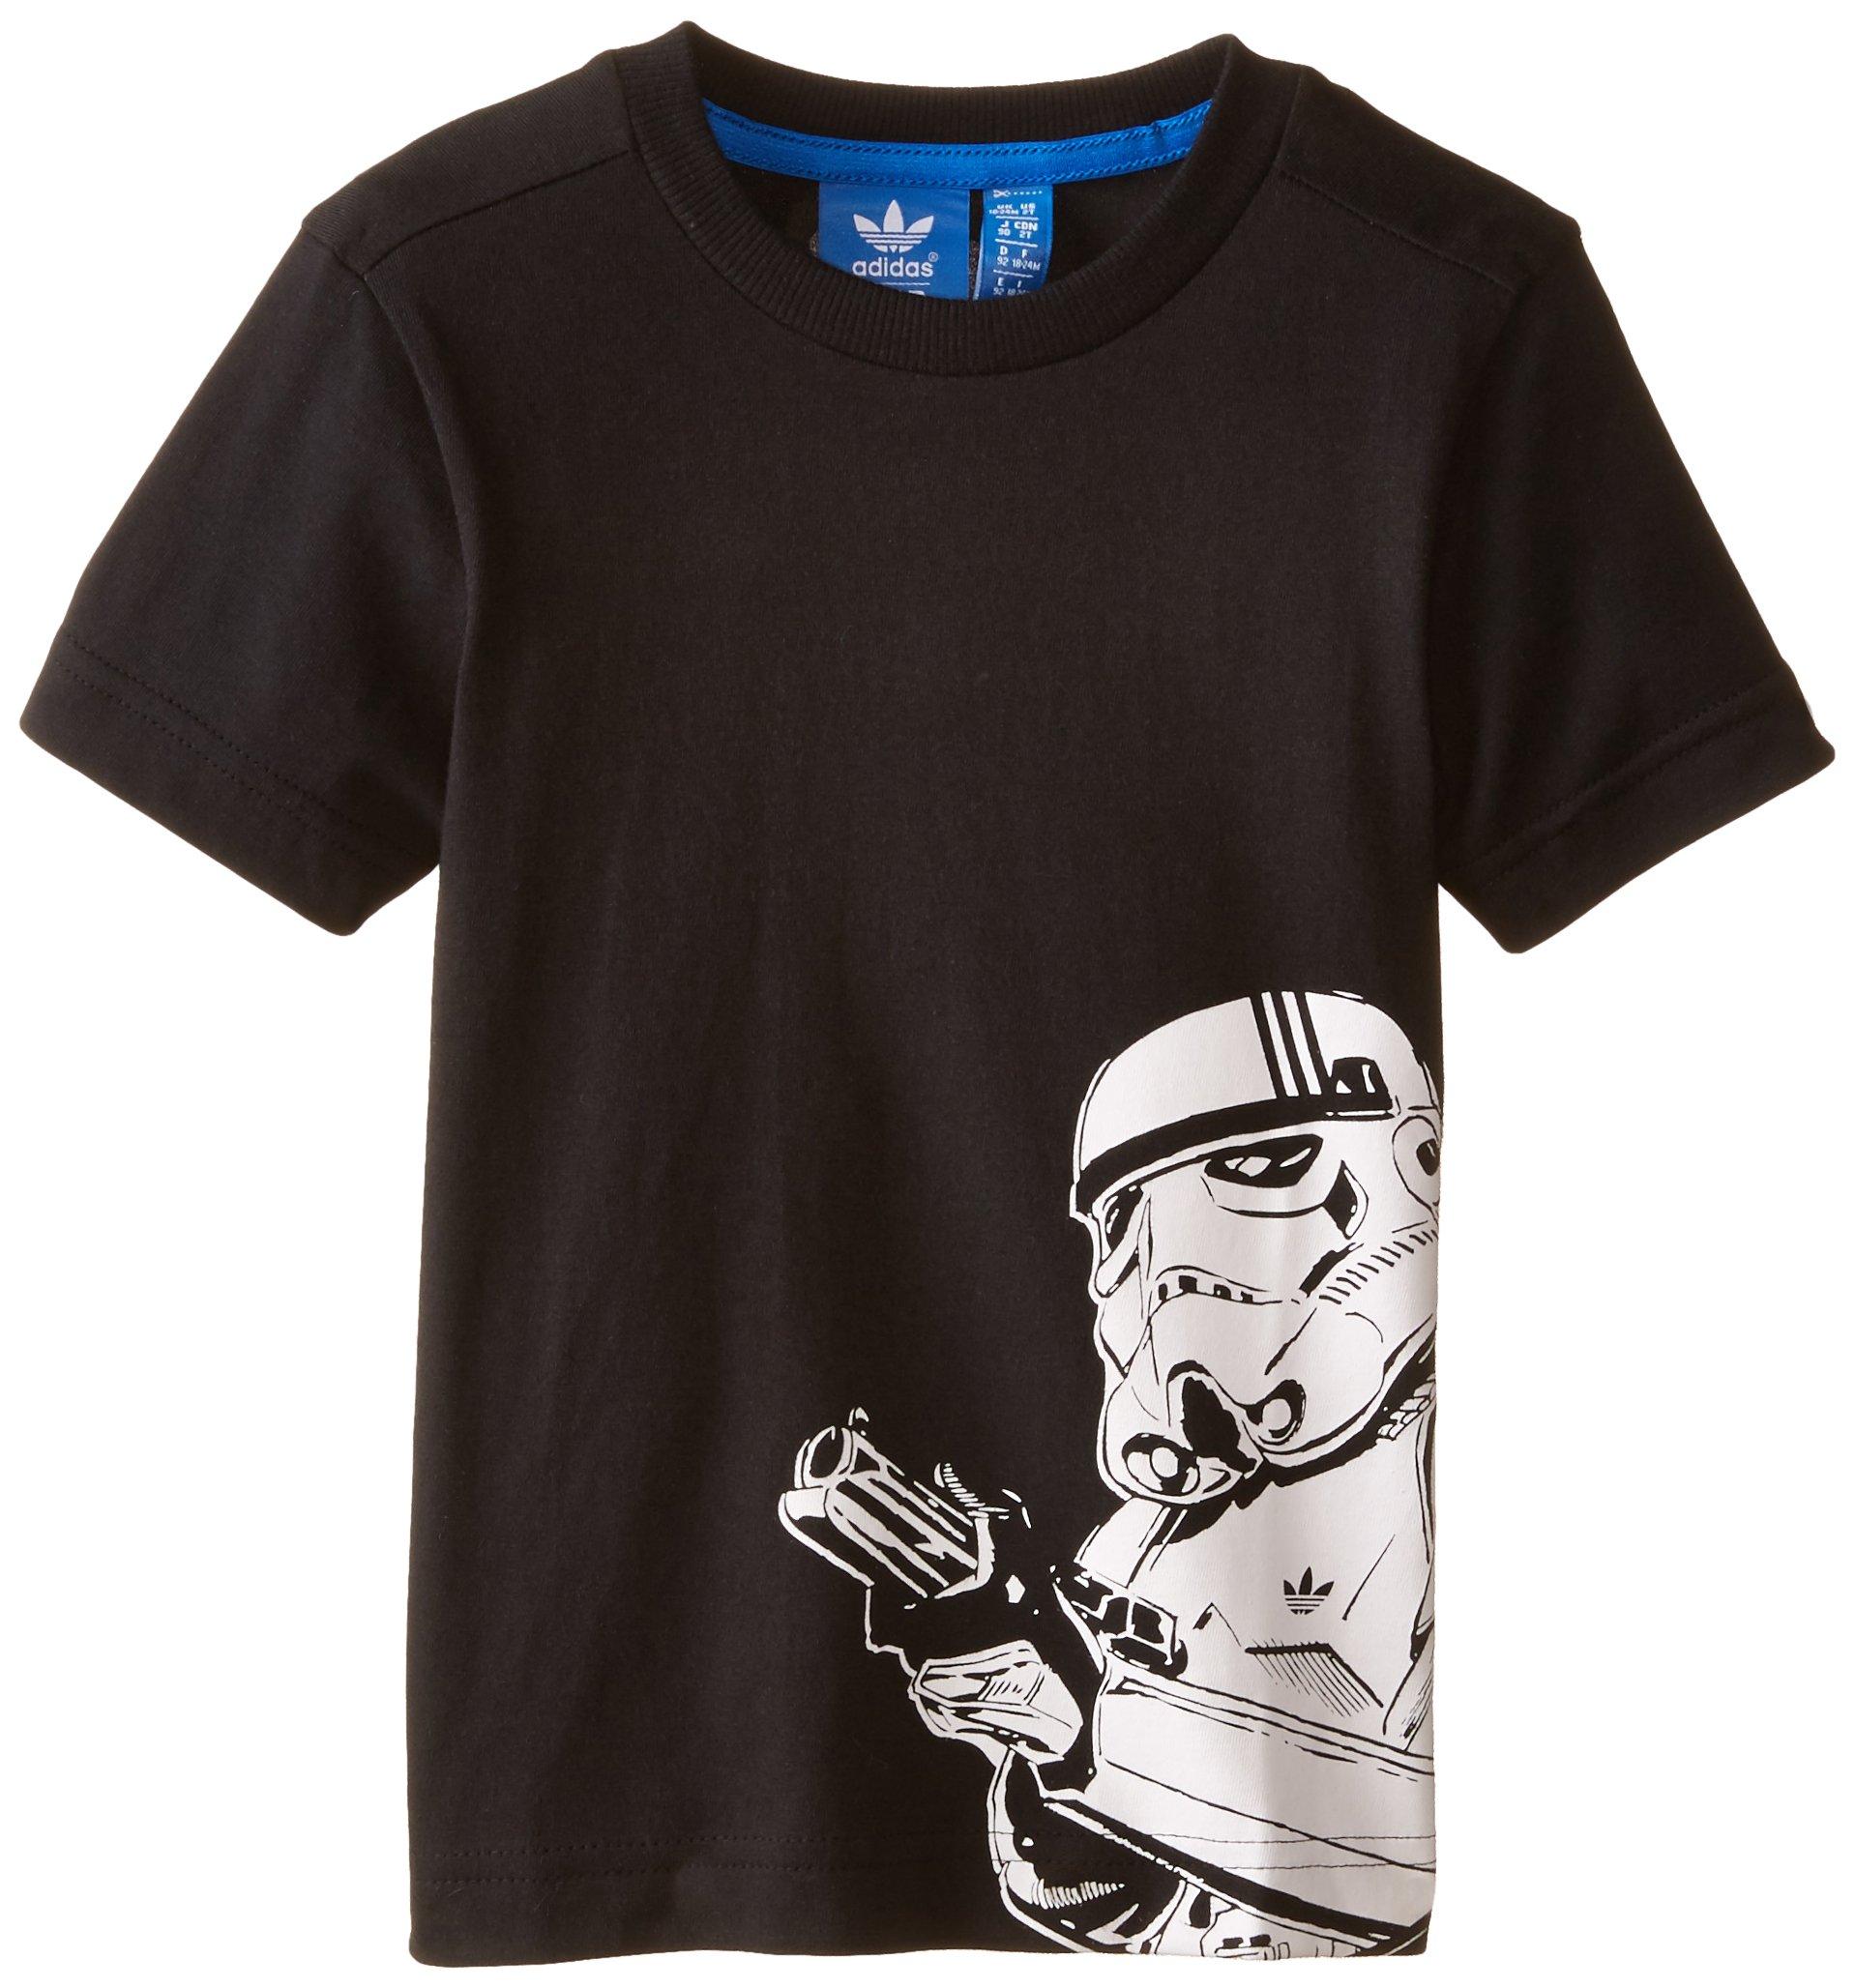 adidas Originals Boys Star Wars Storm Trooper T-Shirt